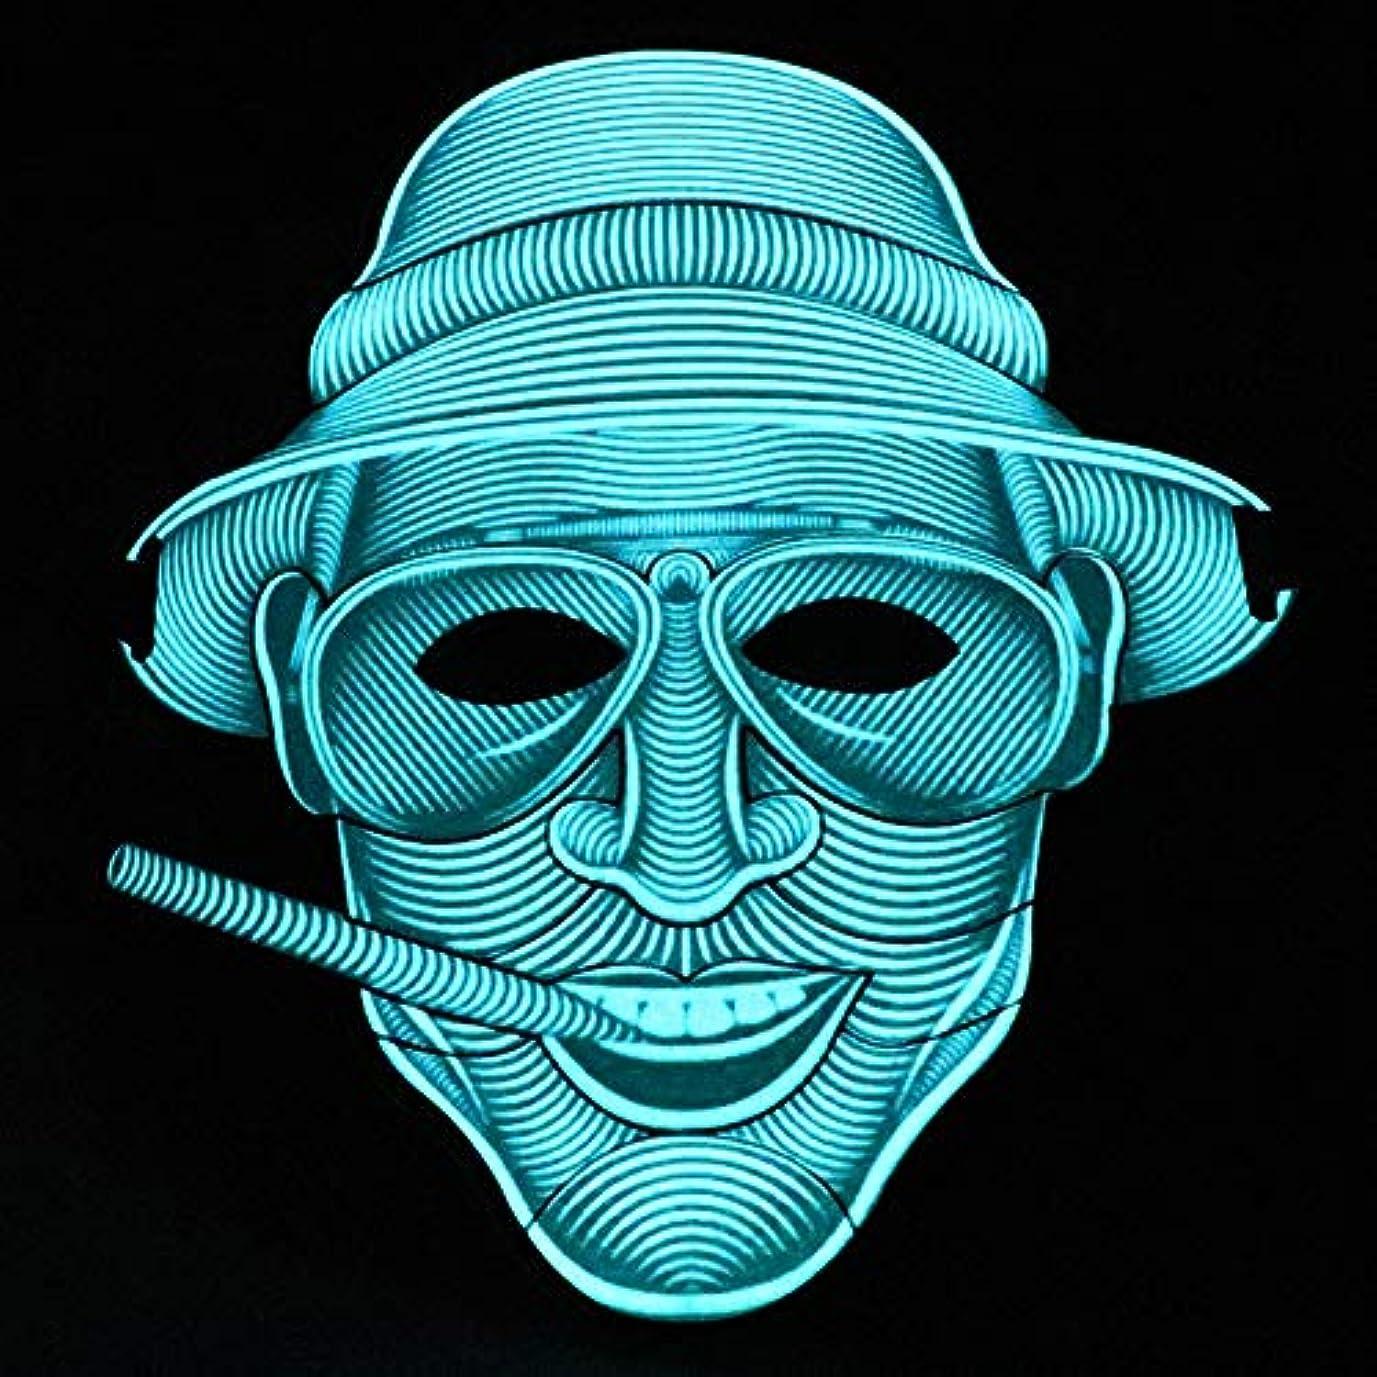 ダルセット悪因子内側照らされたマスクLED創造的な冷光音響制御マスクハロウィンバーフェスティバルダンスマスク (Color : #6)